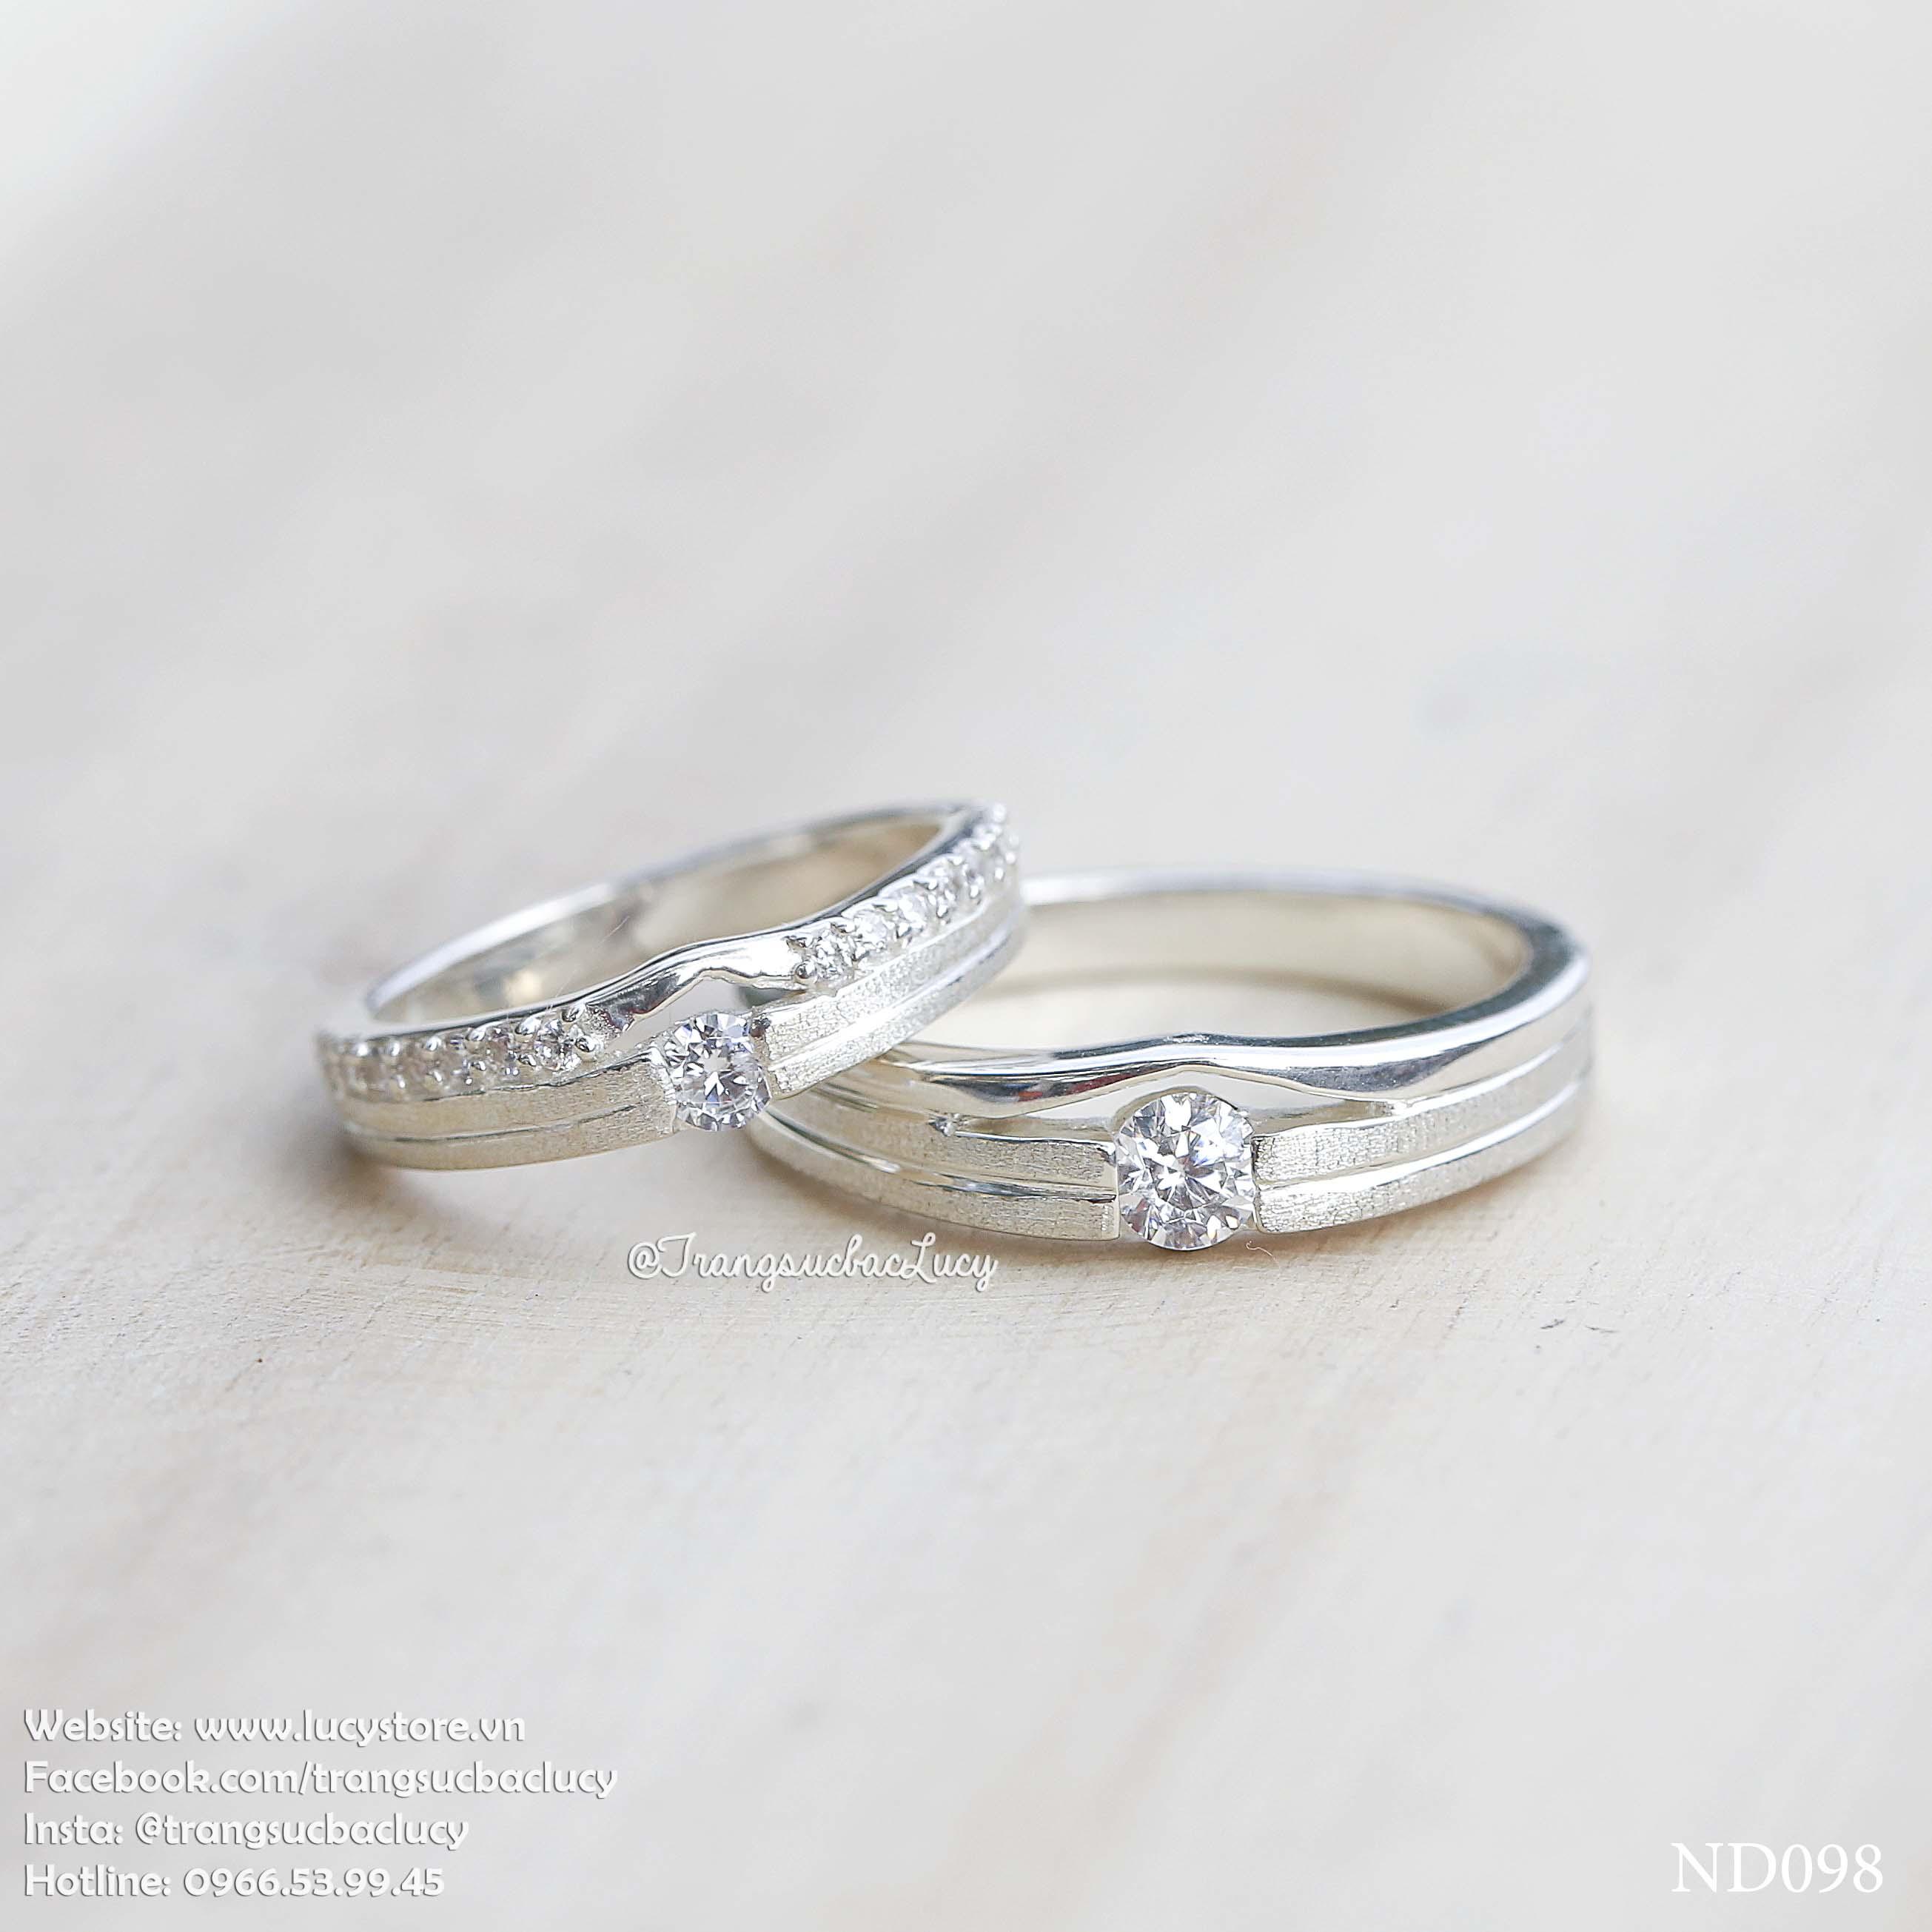 Nhẫn đôi nhẫn cặp Bạc Lucy - ND098